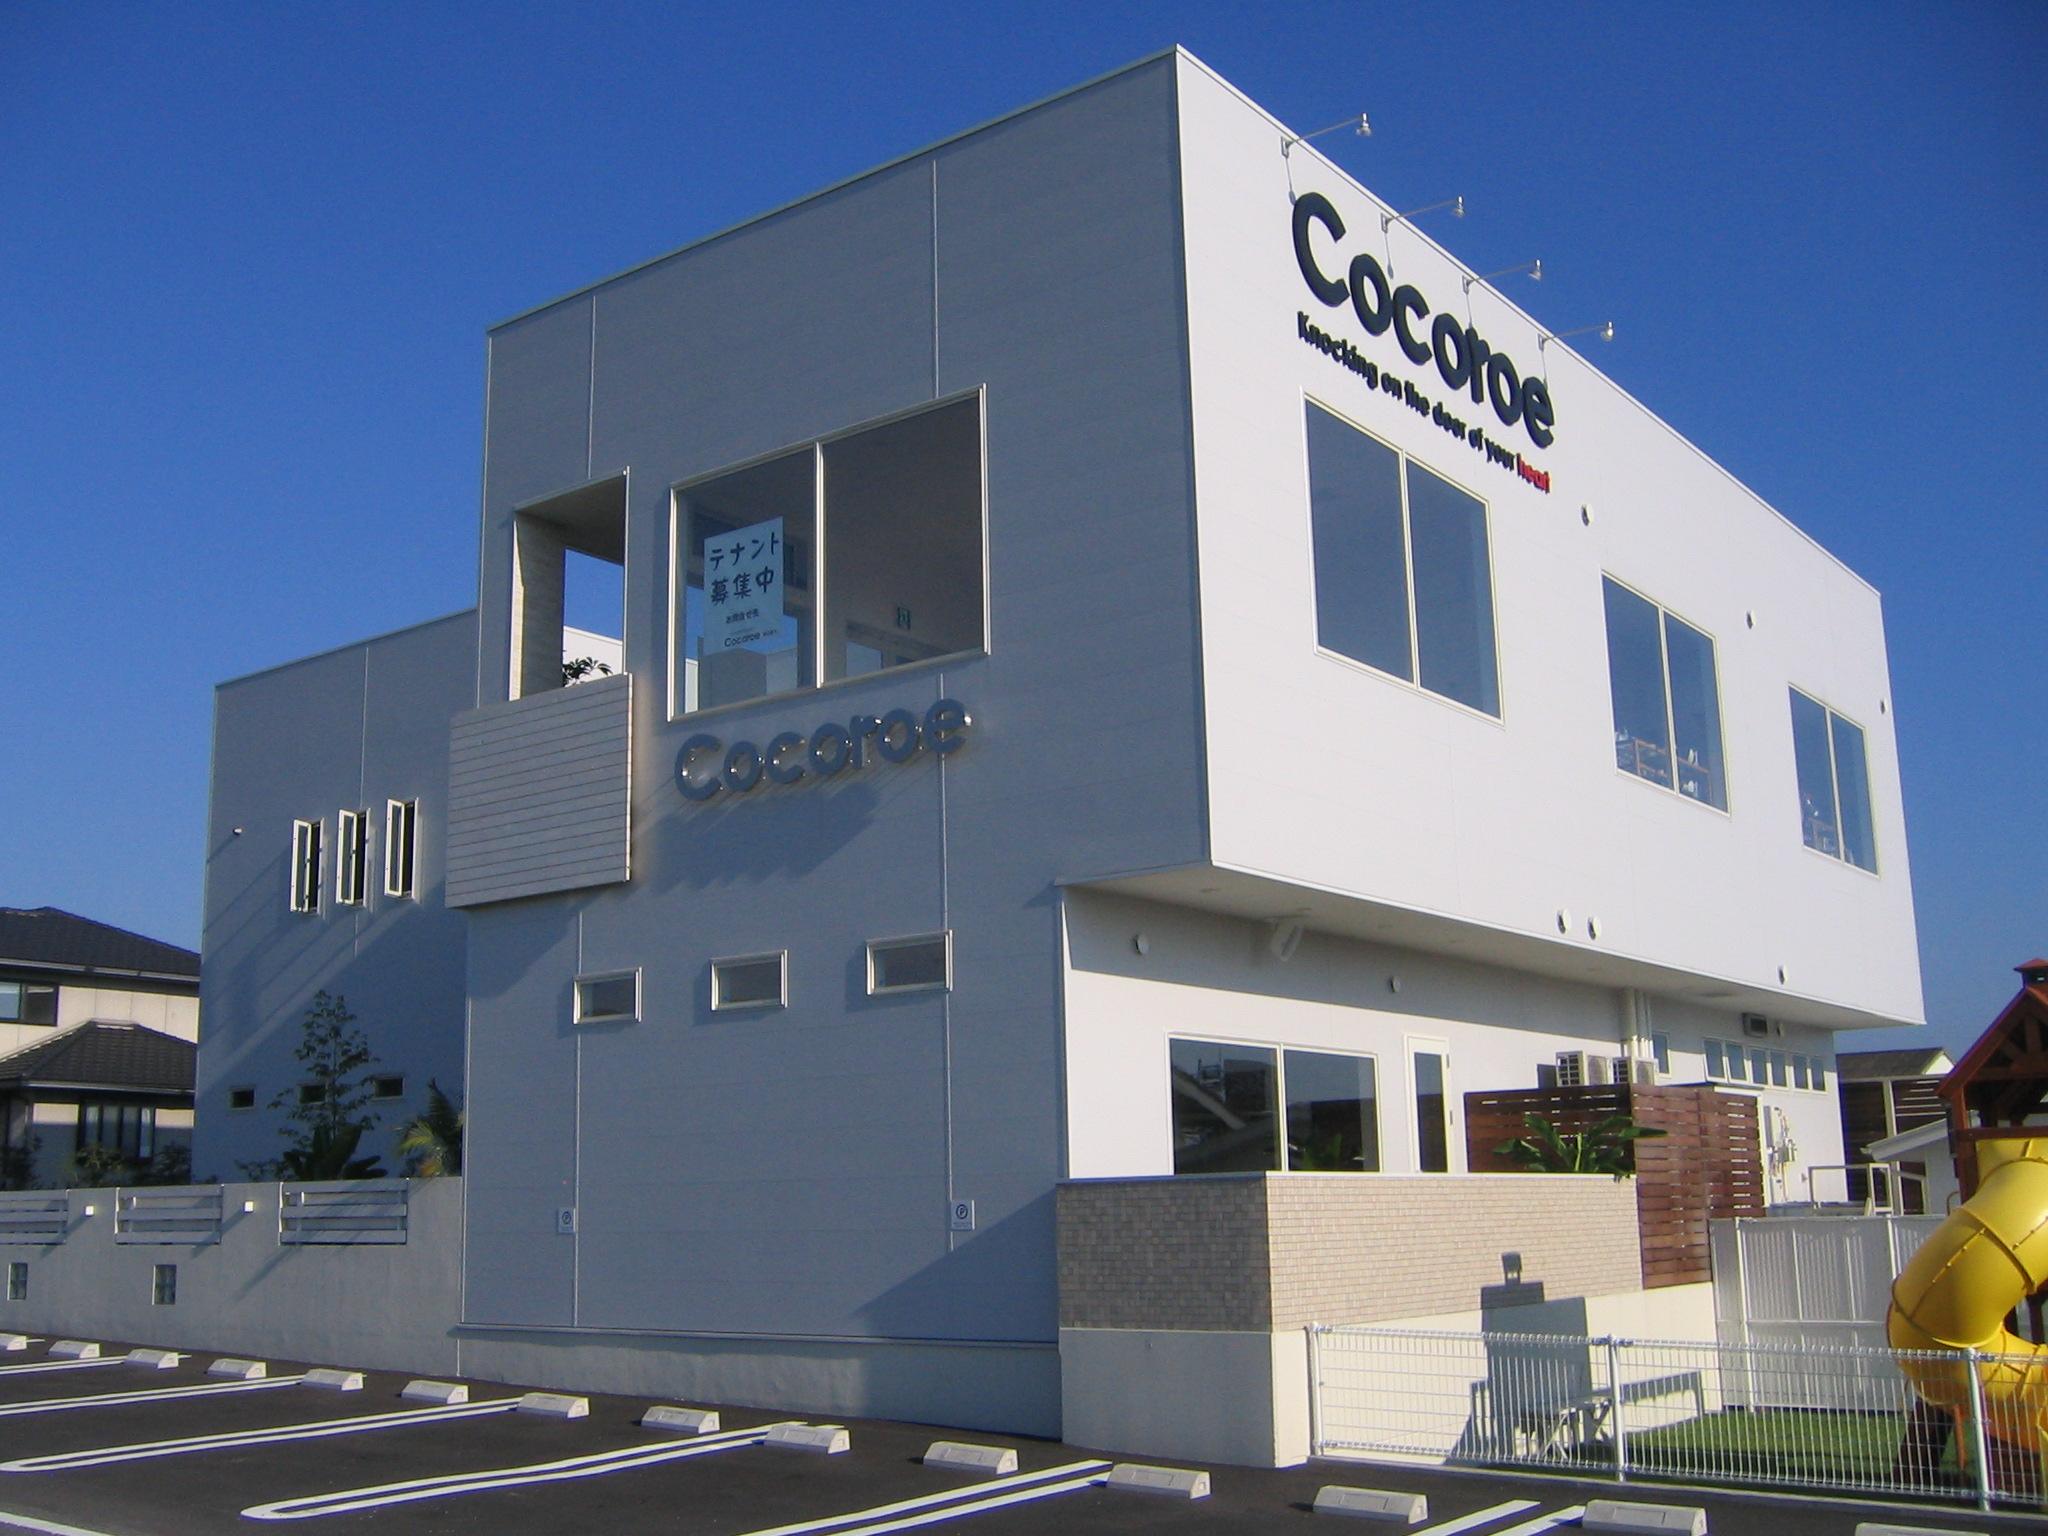 Cocoroe